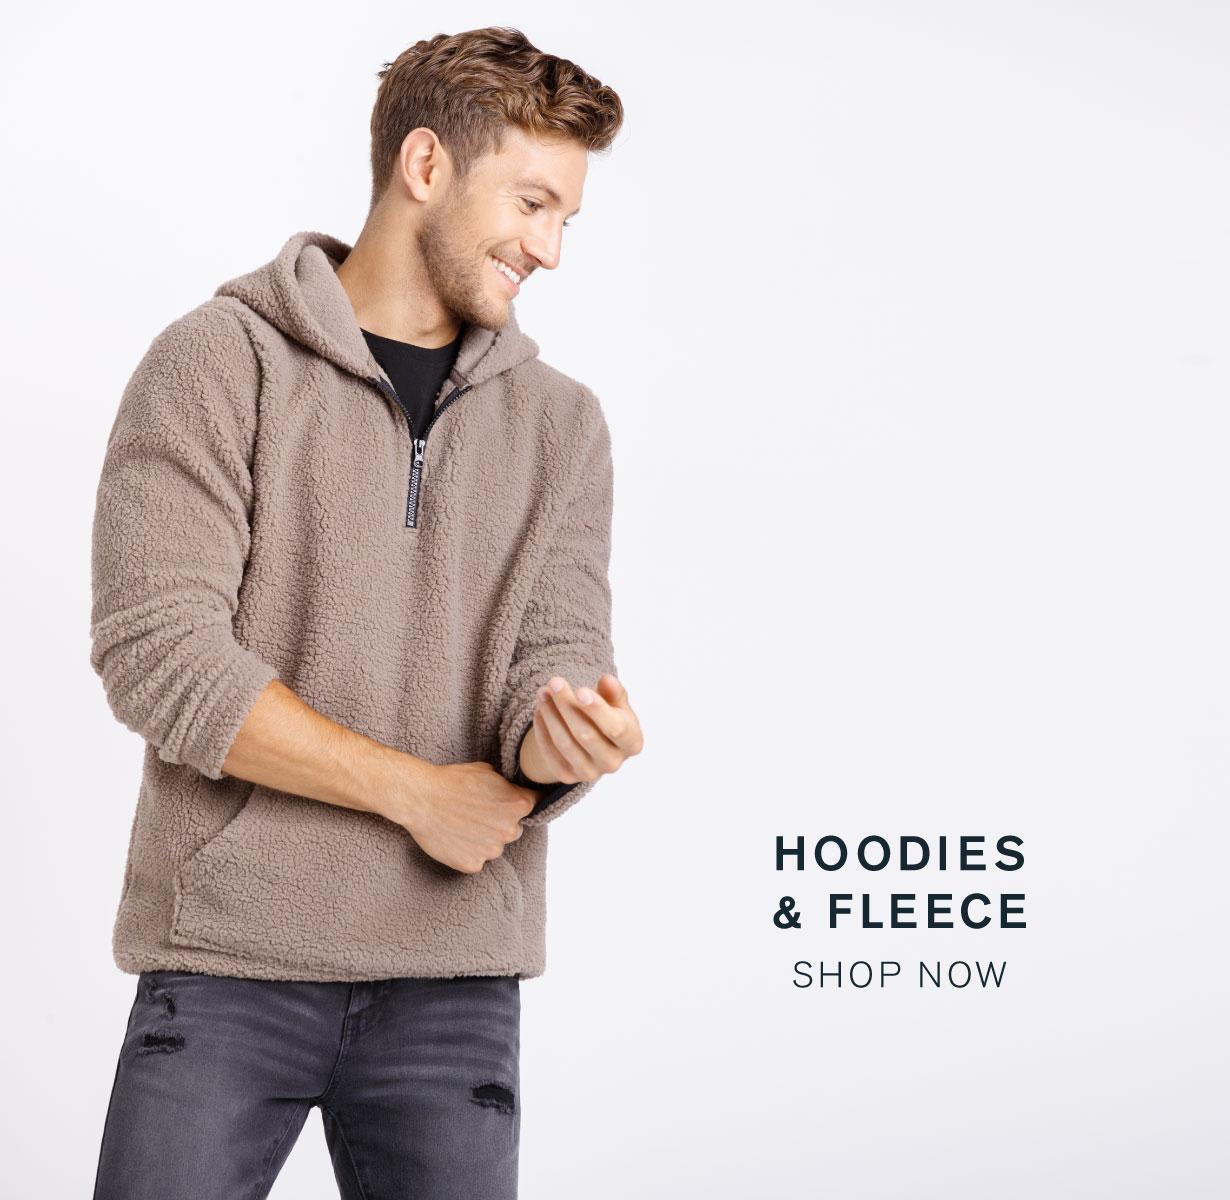 Men's Hoodies and Fleece